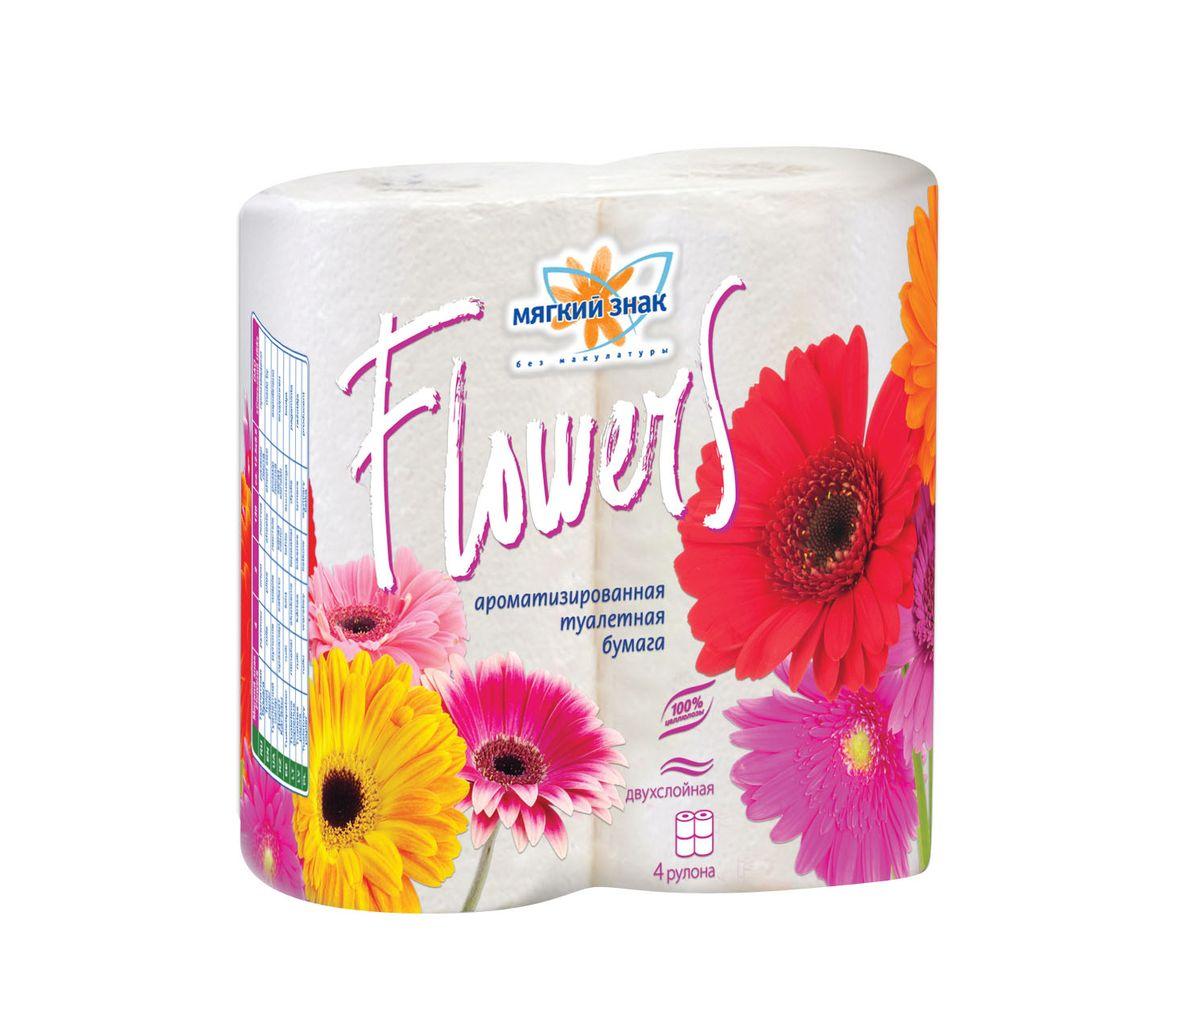 Туалетная бумага Мягкий знак Flowers, ароматизированная, двухслойная, цвет: белый, 4 рулонаC48Ароматизированная туалетная бумага Мягкий знак Flowers обладает нежным цветочным ароматом. Двухслойная туалетная бумага мягкая, нежная, но в тоже время прочная, с отрывом по линии перфорации. Количество листов: 185 шт.Количество слоев: 2.Размер листа: 12,5 см х 9,6 см.Состав: 100% целлюлоза, ароматизатор.